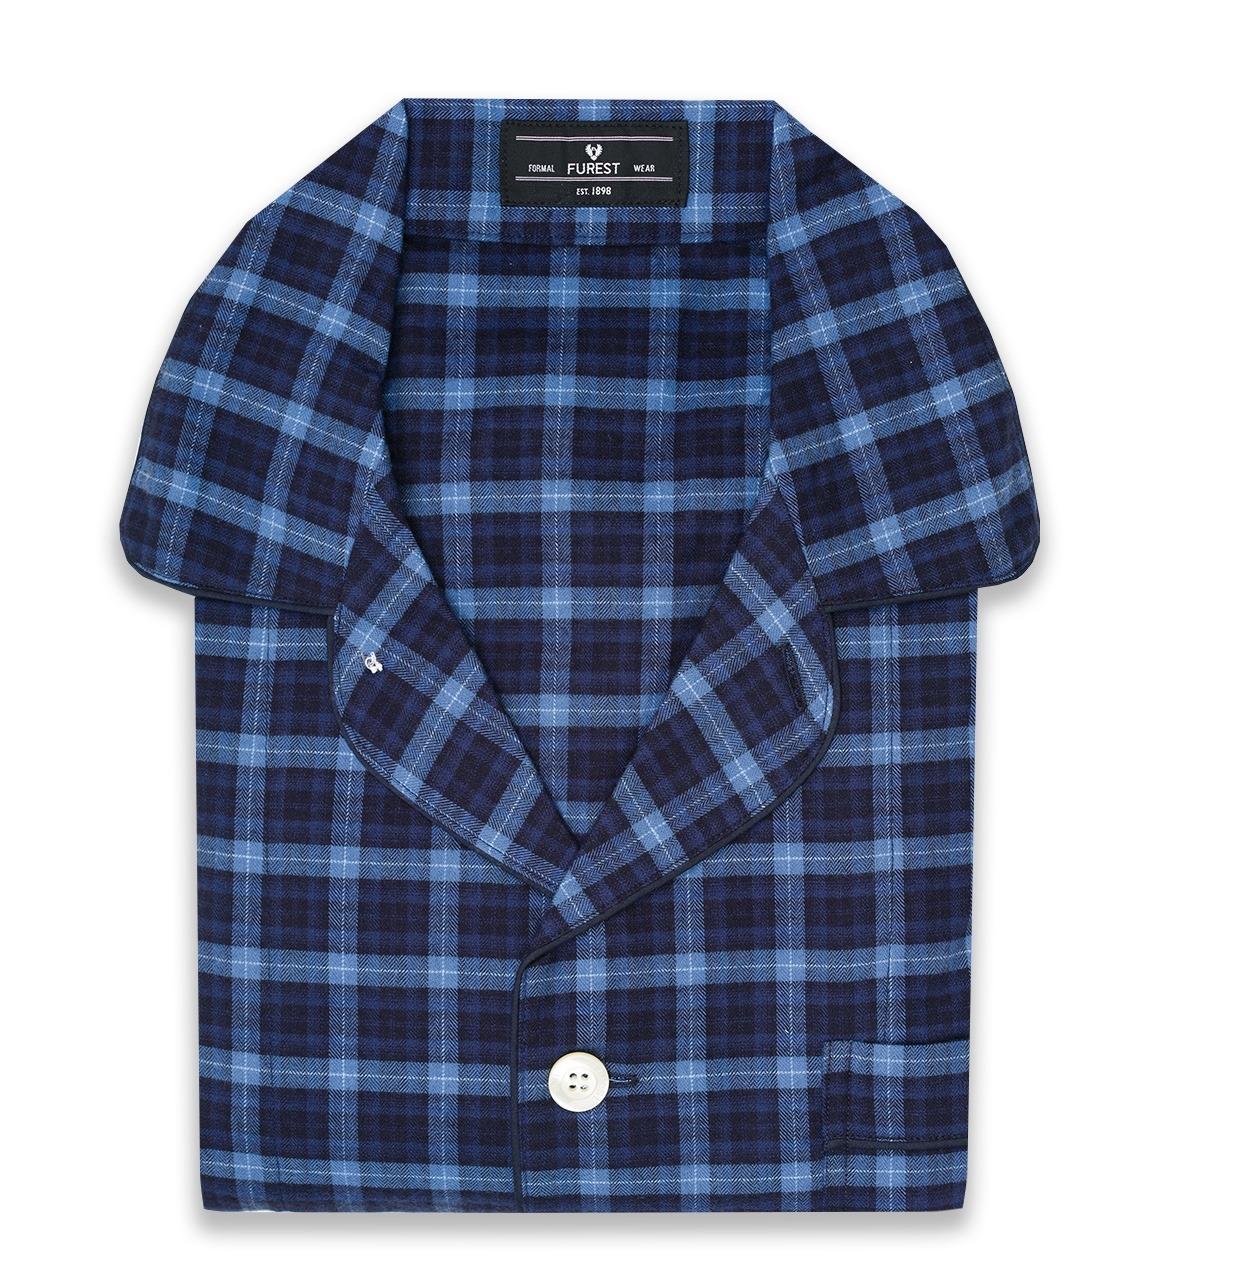 Pijama LARGO dos piezas, pantalón largo con cinta no elástica y funda incluida, color azul con estampado de cuadros, 100% Algodón.